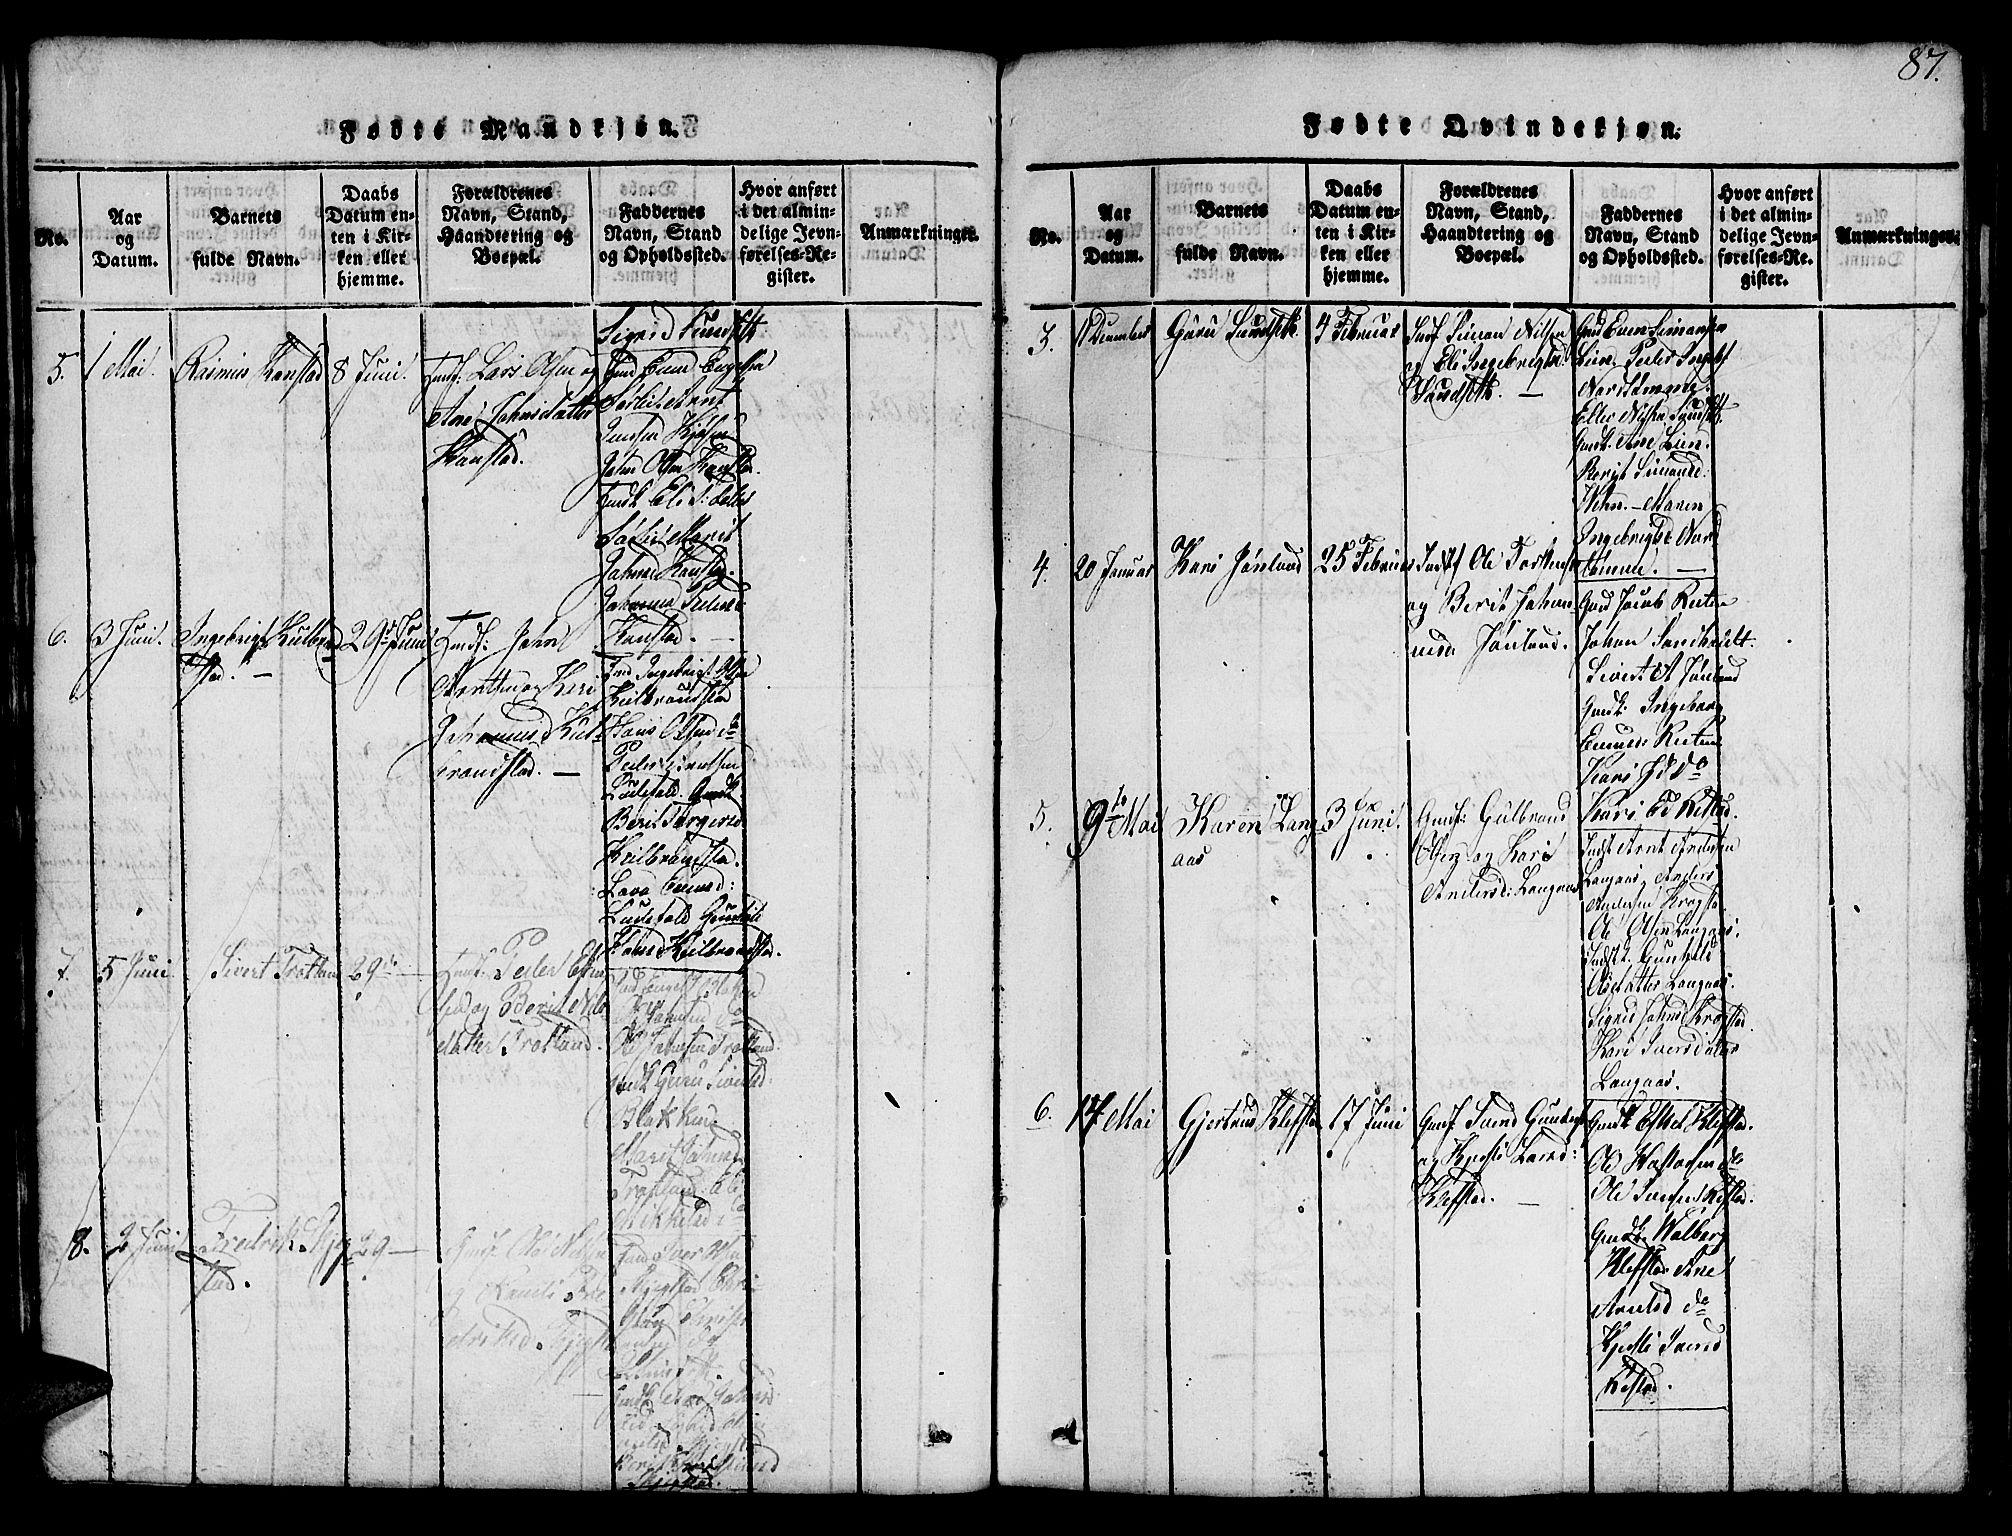 SAT, Ministerialprotokoller, klokkerbøker og fødselsregistre - Sør-Trøndelag, 694/L1130: Klokkerbok nr. 694C02, 1816-1857, s. 87